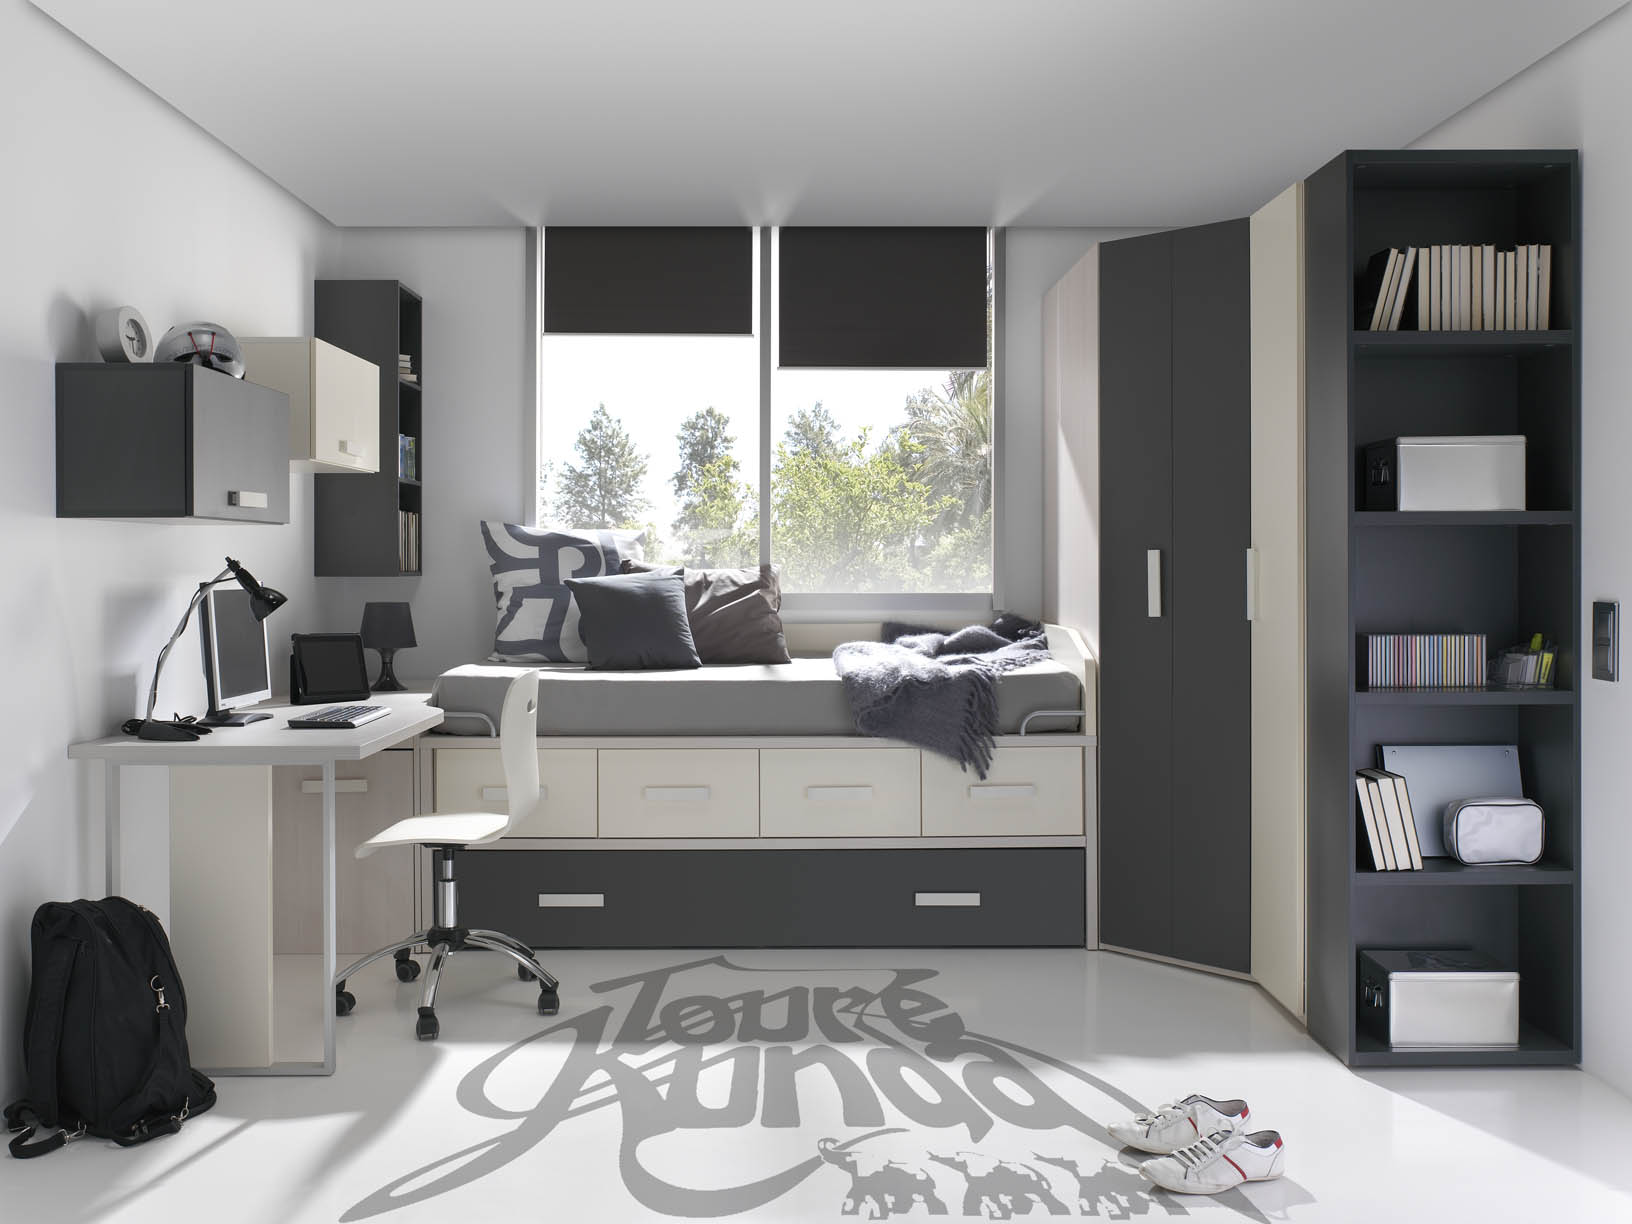 Ambientes juveniles muebles orts blog - Modelos de dormitorios juveniles ...